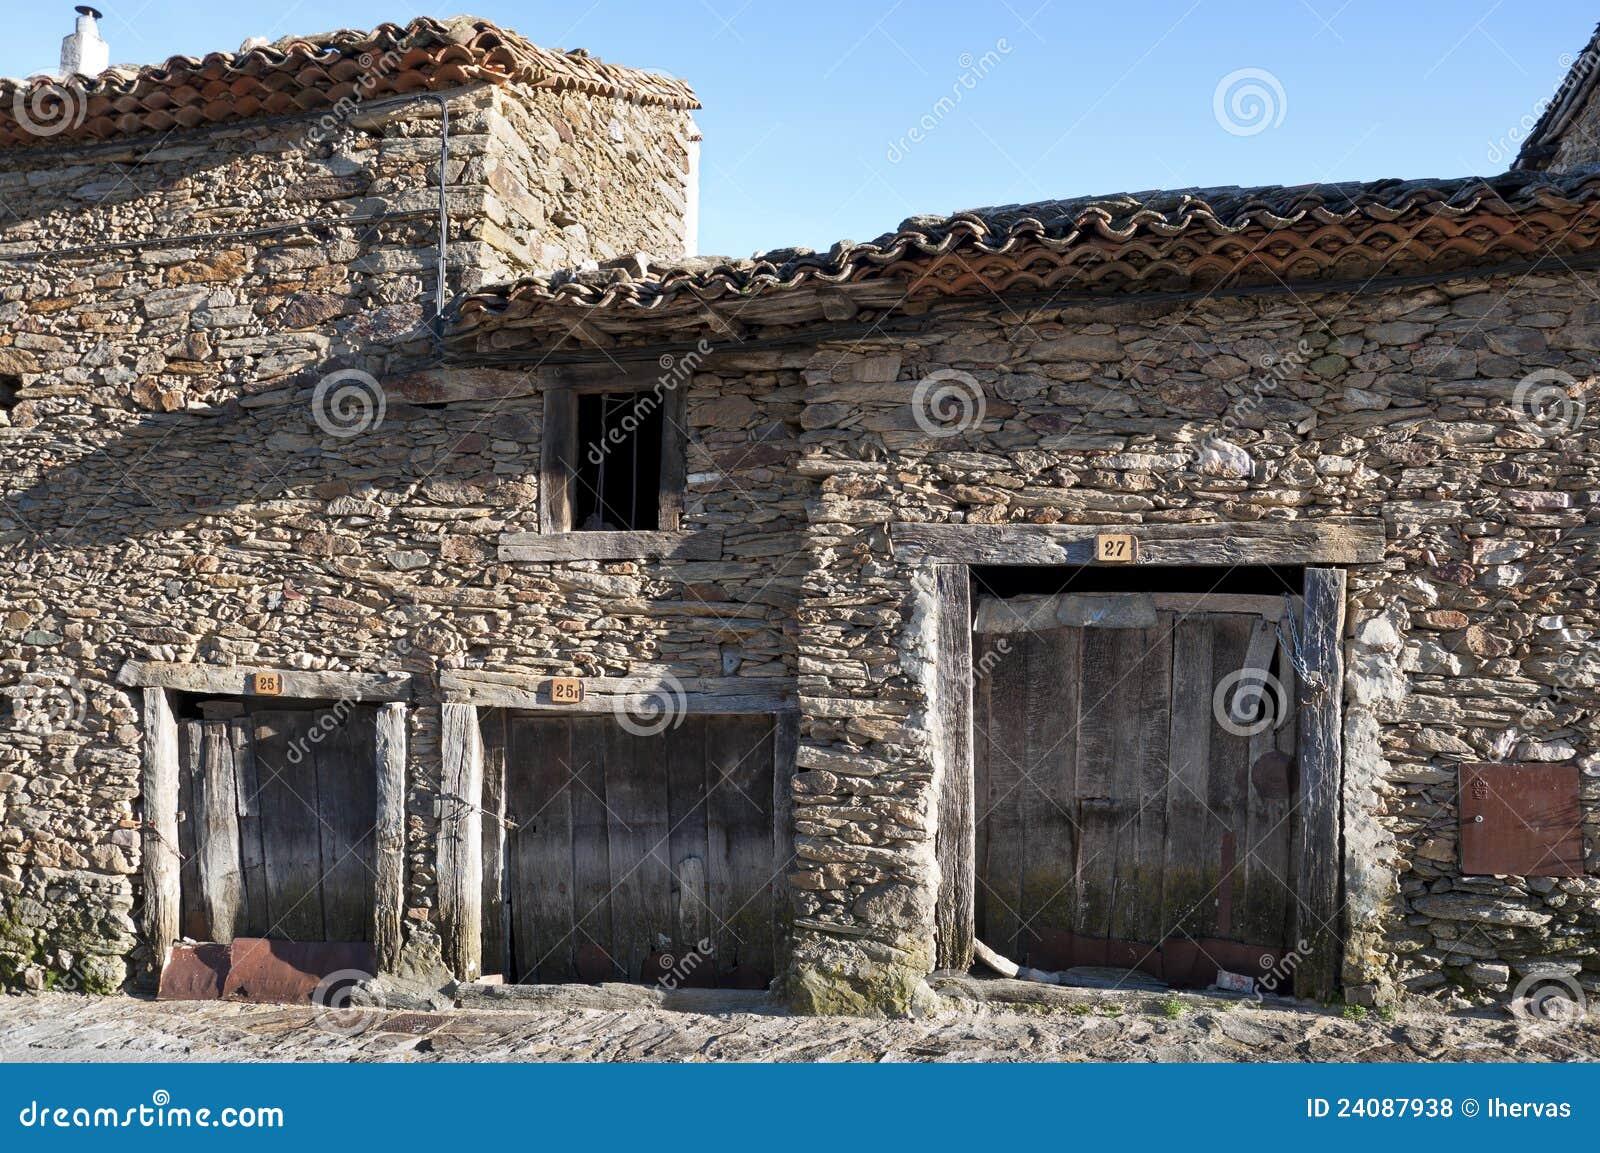 Casas de piedra foto de archivo imagen de puerta fachada 24087938 - Fotos de casas de piedra ...